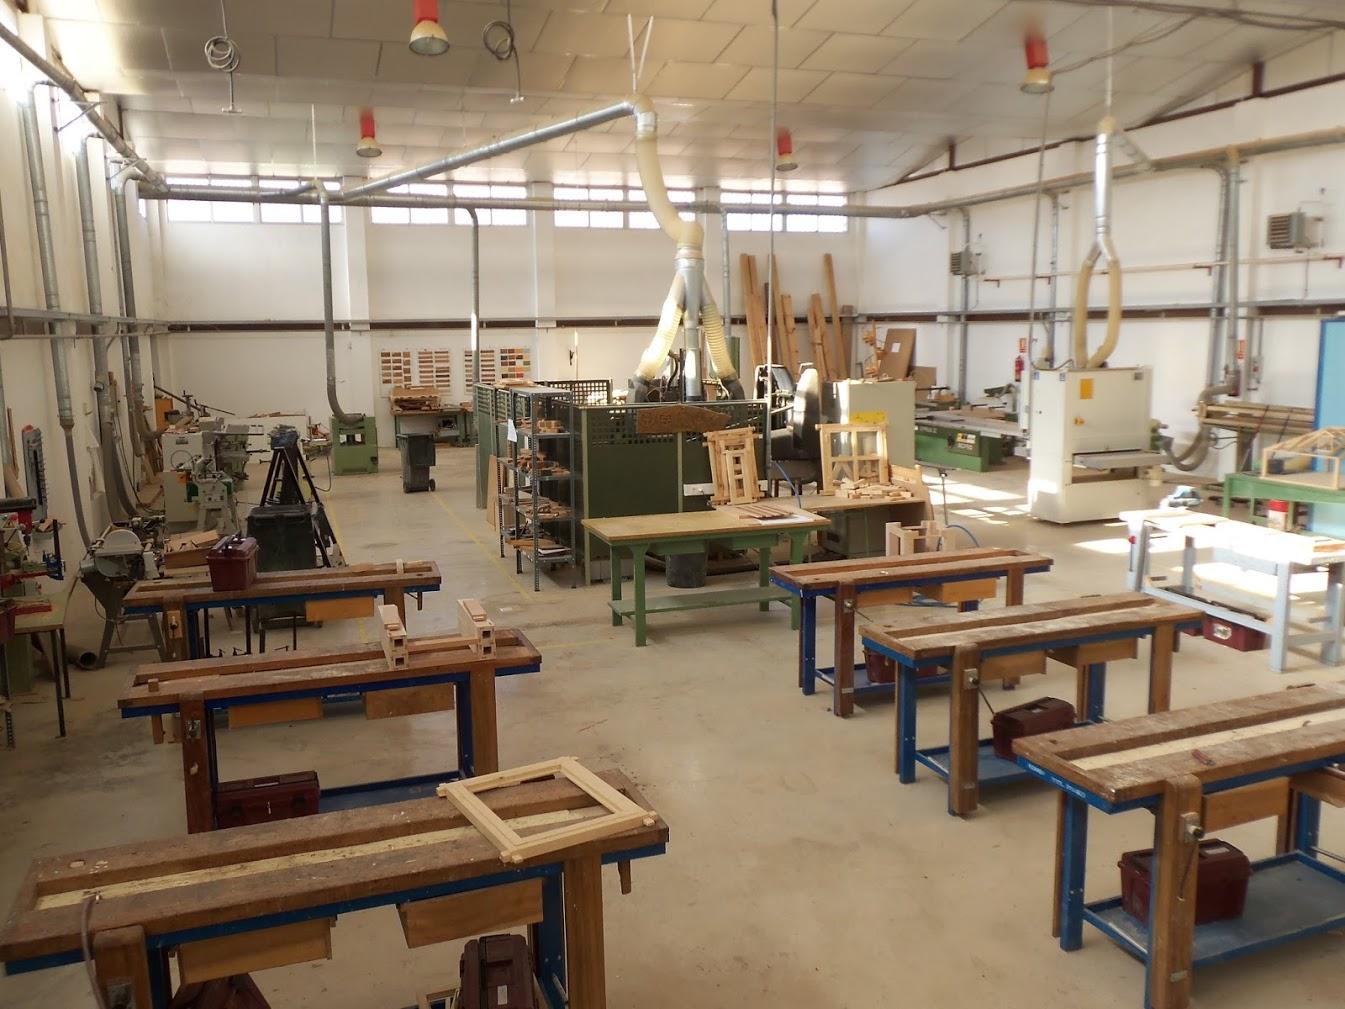 Fp madera murcia formaci n profesional de madera mueble y - Fabricas de muebles en yecla ...